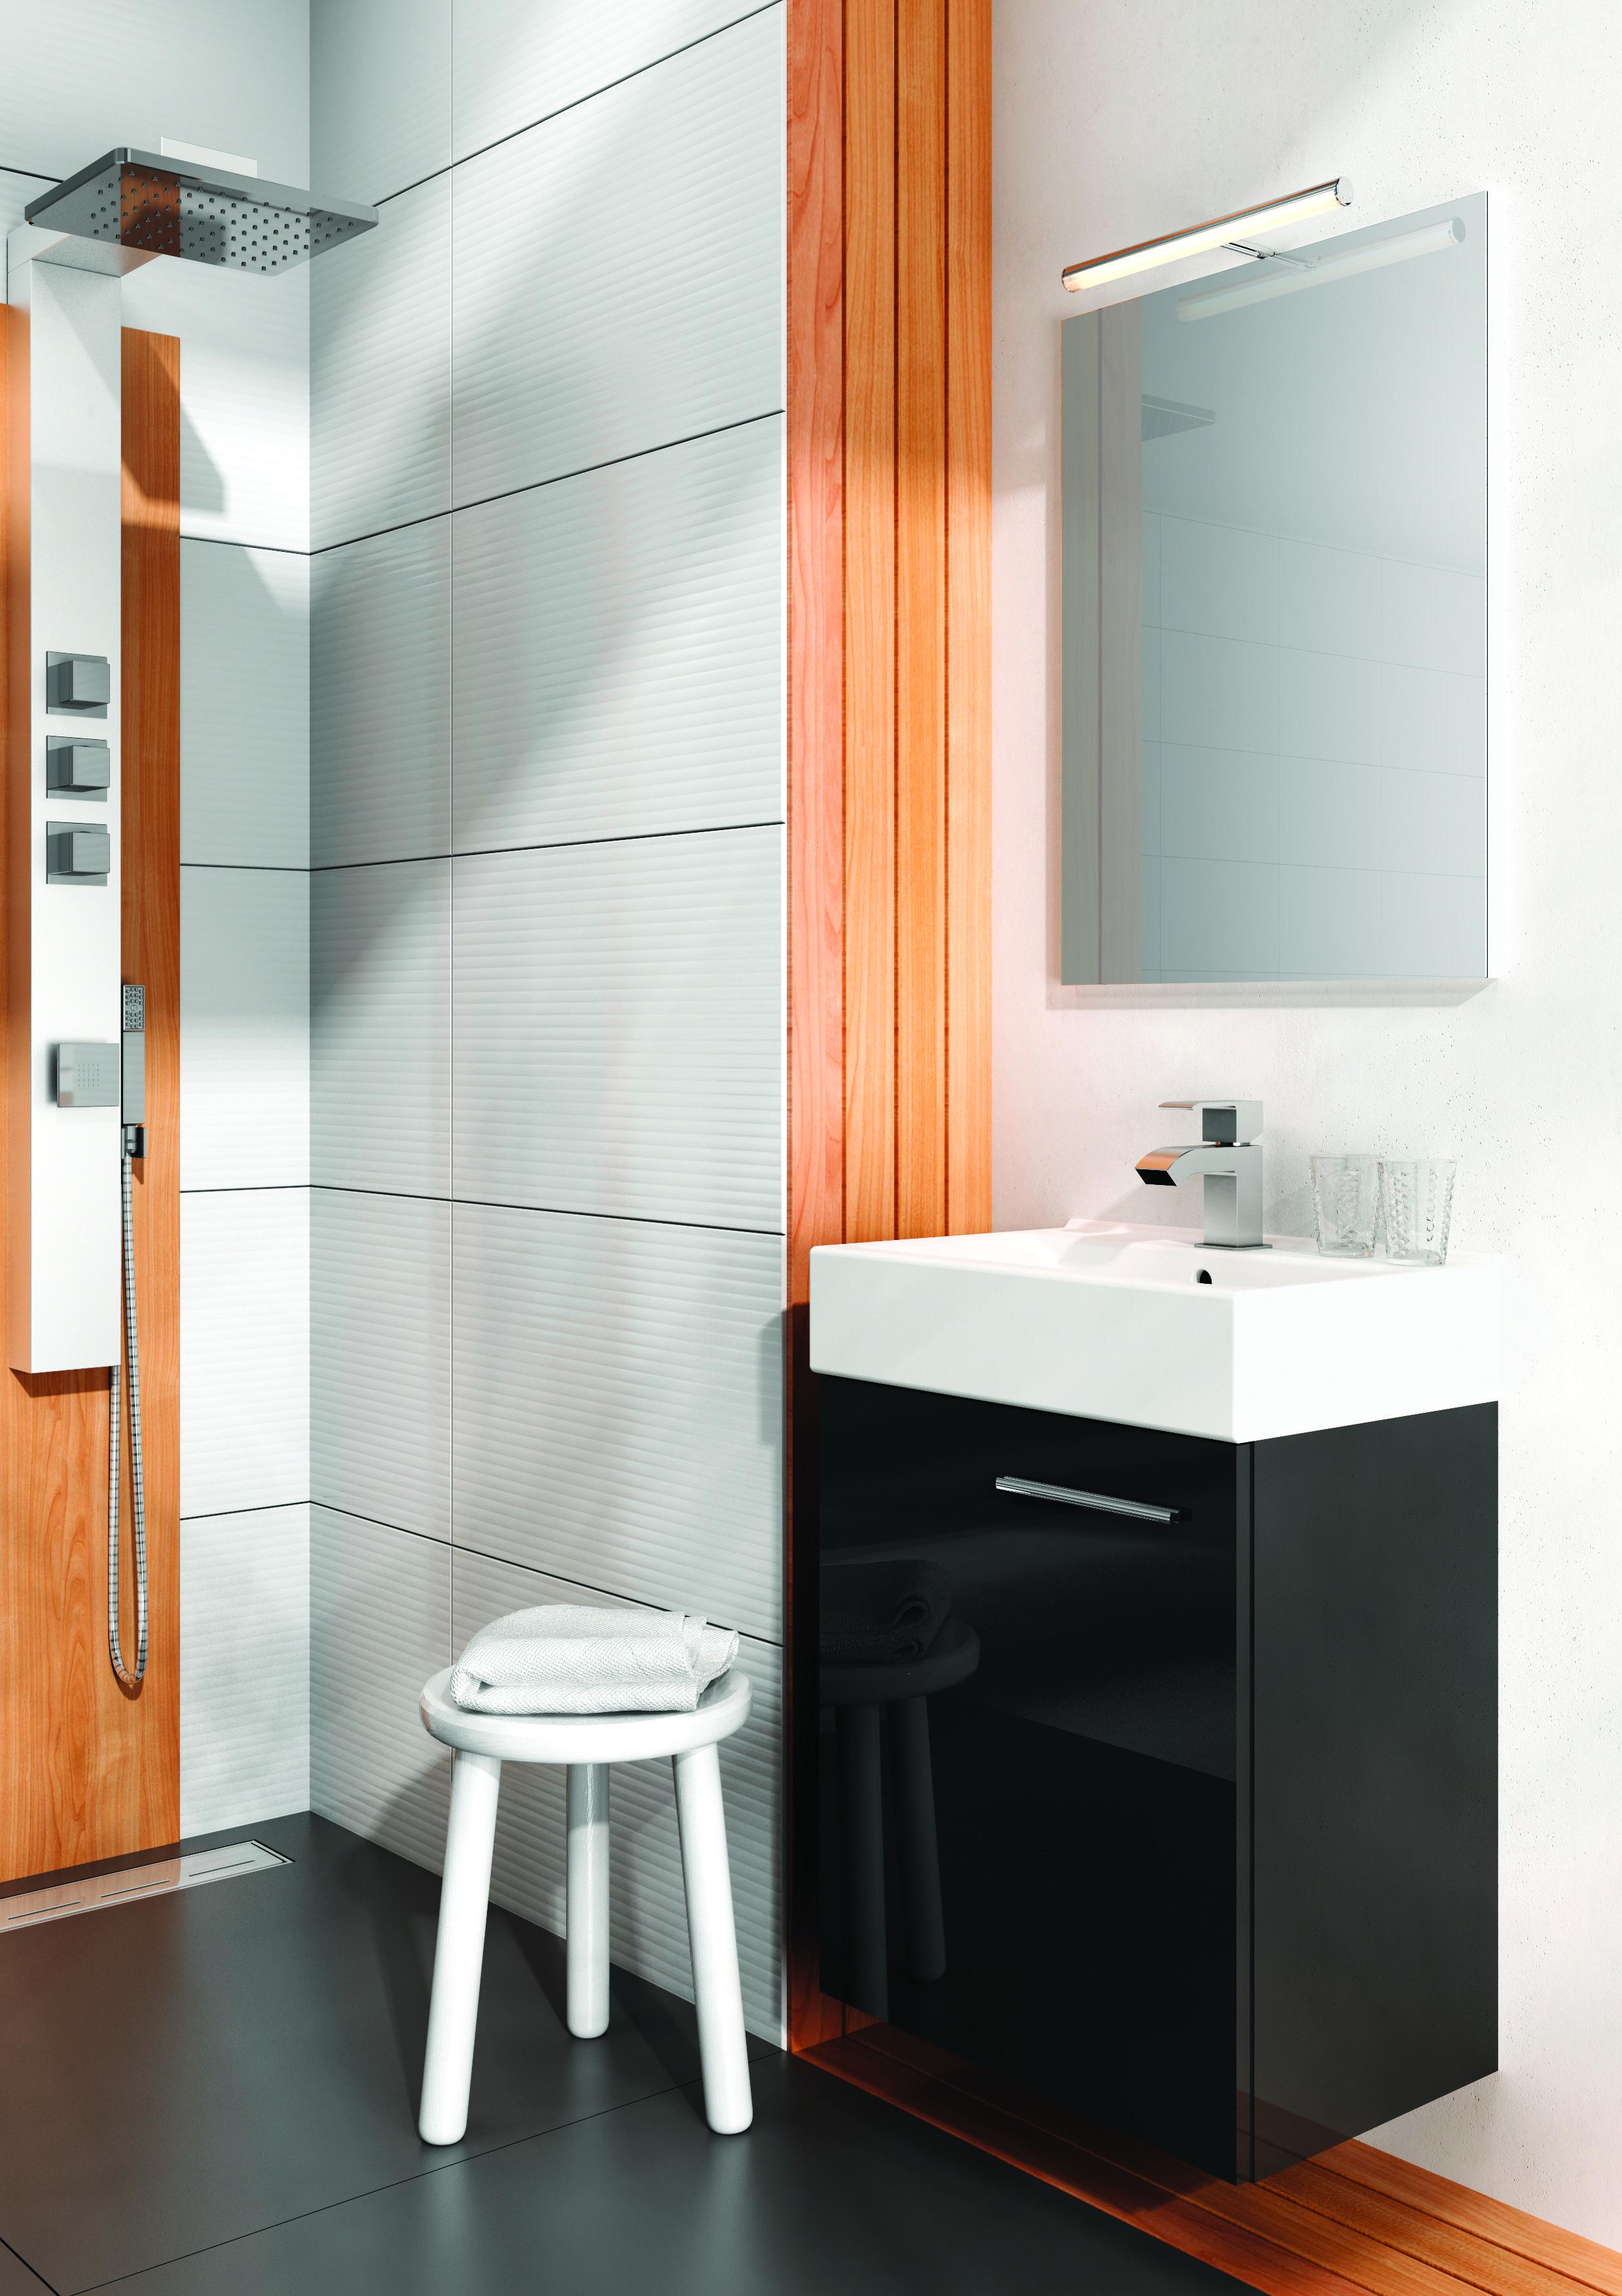 tiny tinycollection elita meble elitameble furniture furnituredesigne home idea TINY Kolekcja Mebli Łazienkowych